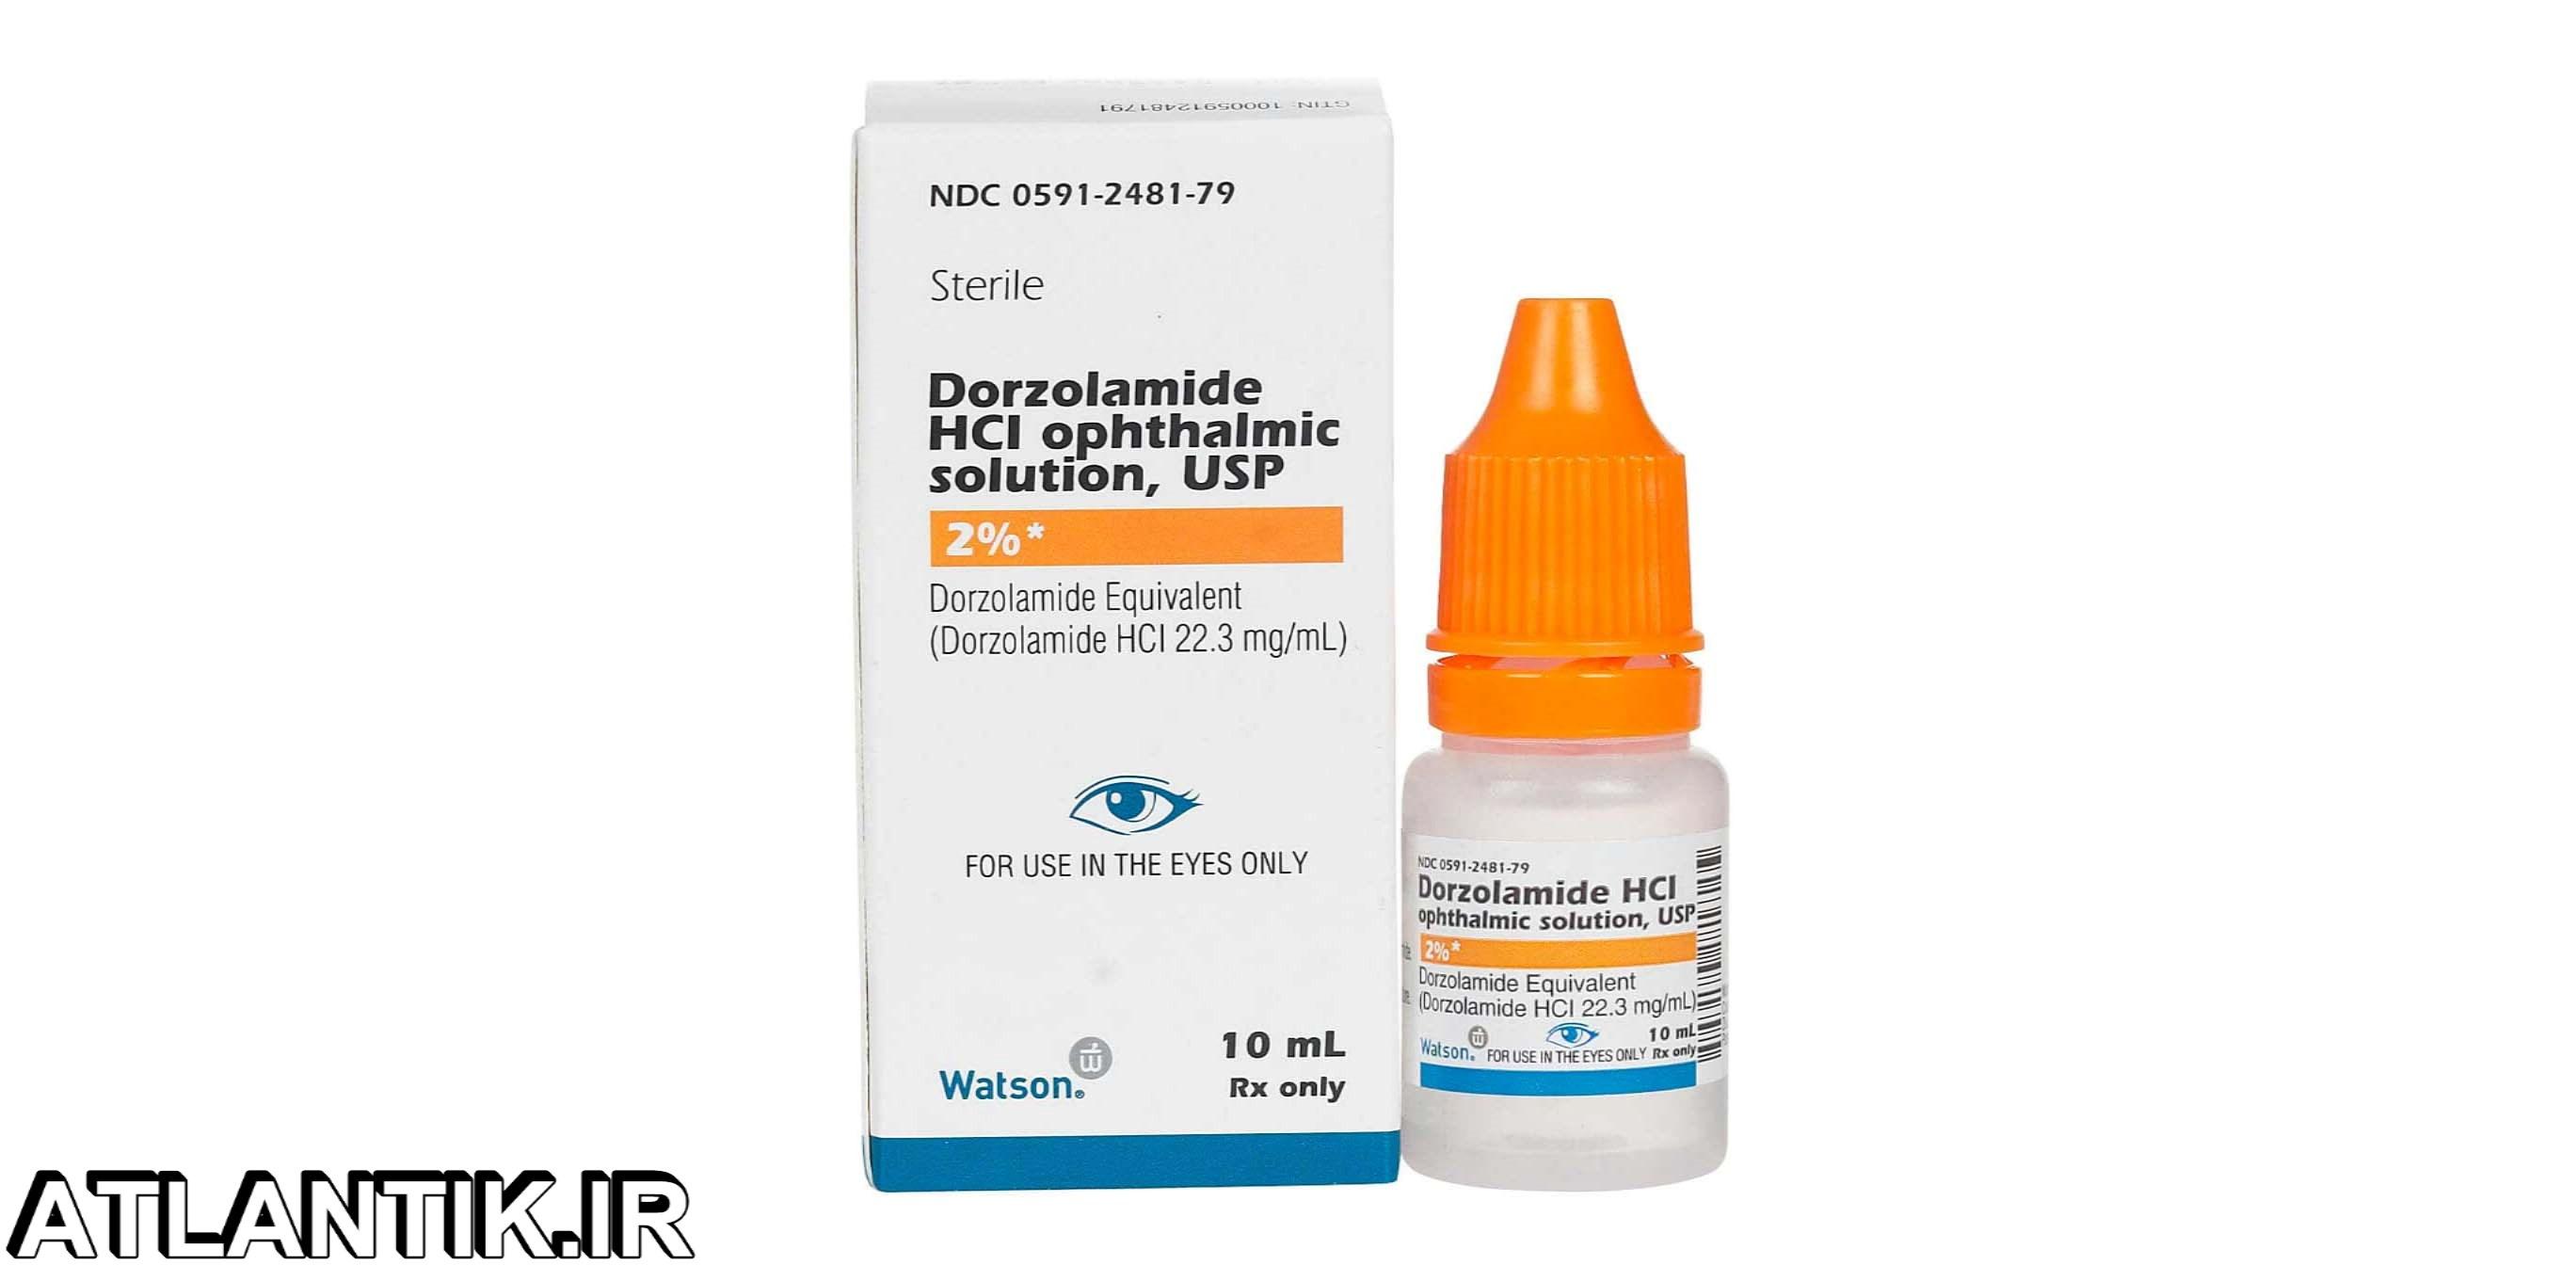 داروشناسي آتلانتيک - معرفي داروي بيماري چشم دورزولامید – Dorzolamide